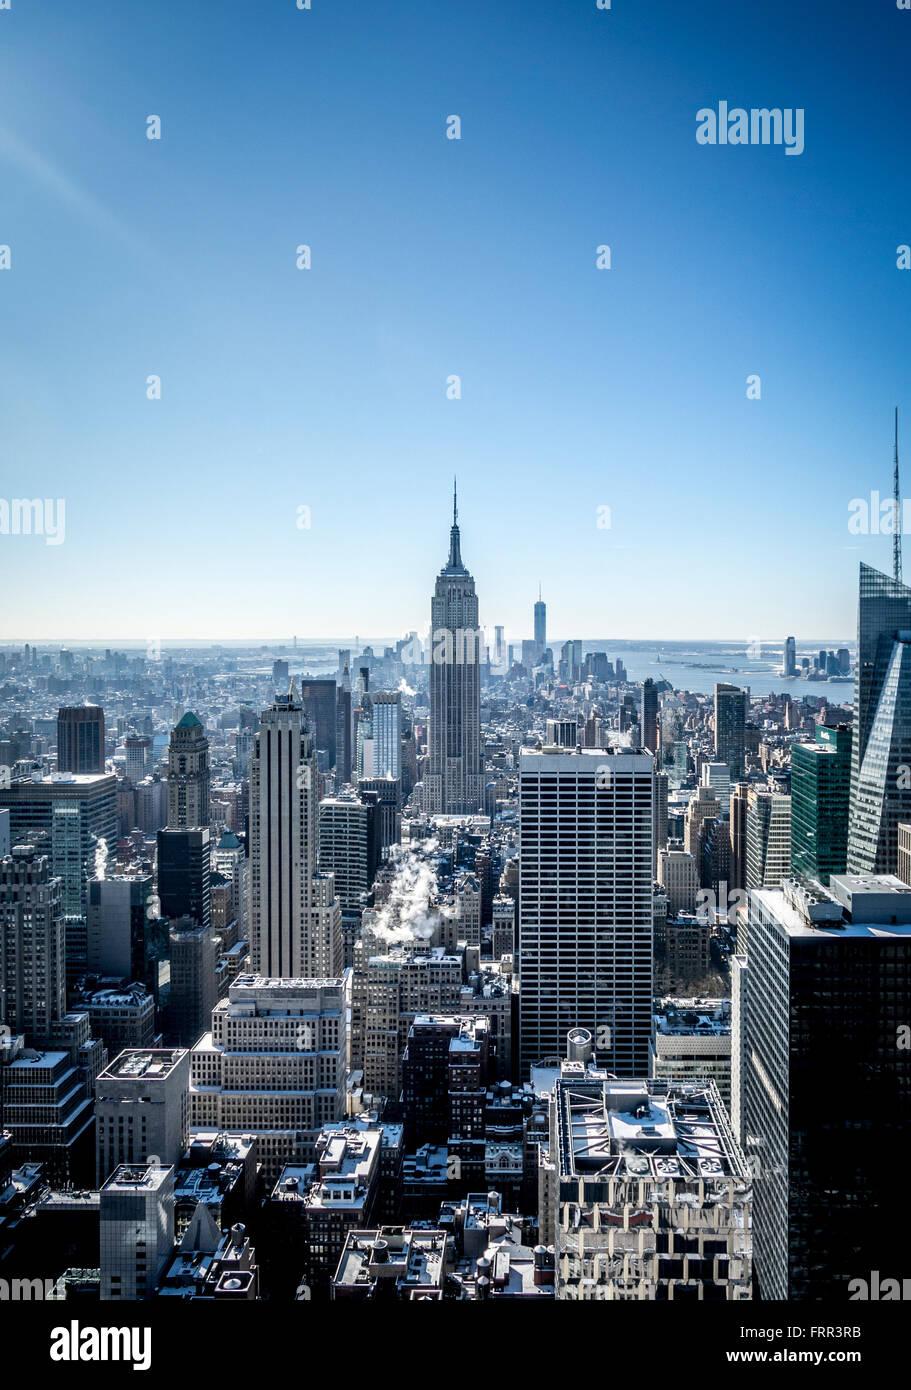 Das Empire State Building, New York City, USA, von der Aussichtsplattform des Rockefeller Center (Top of the Rock) Stockbild